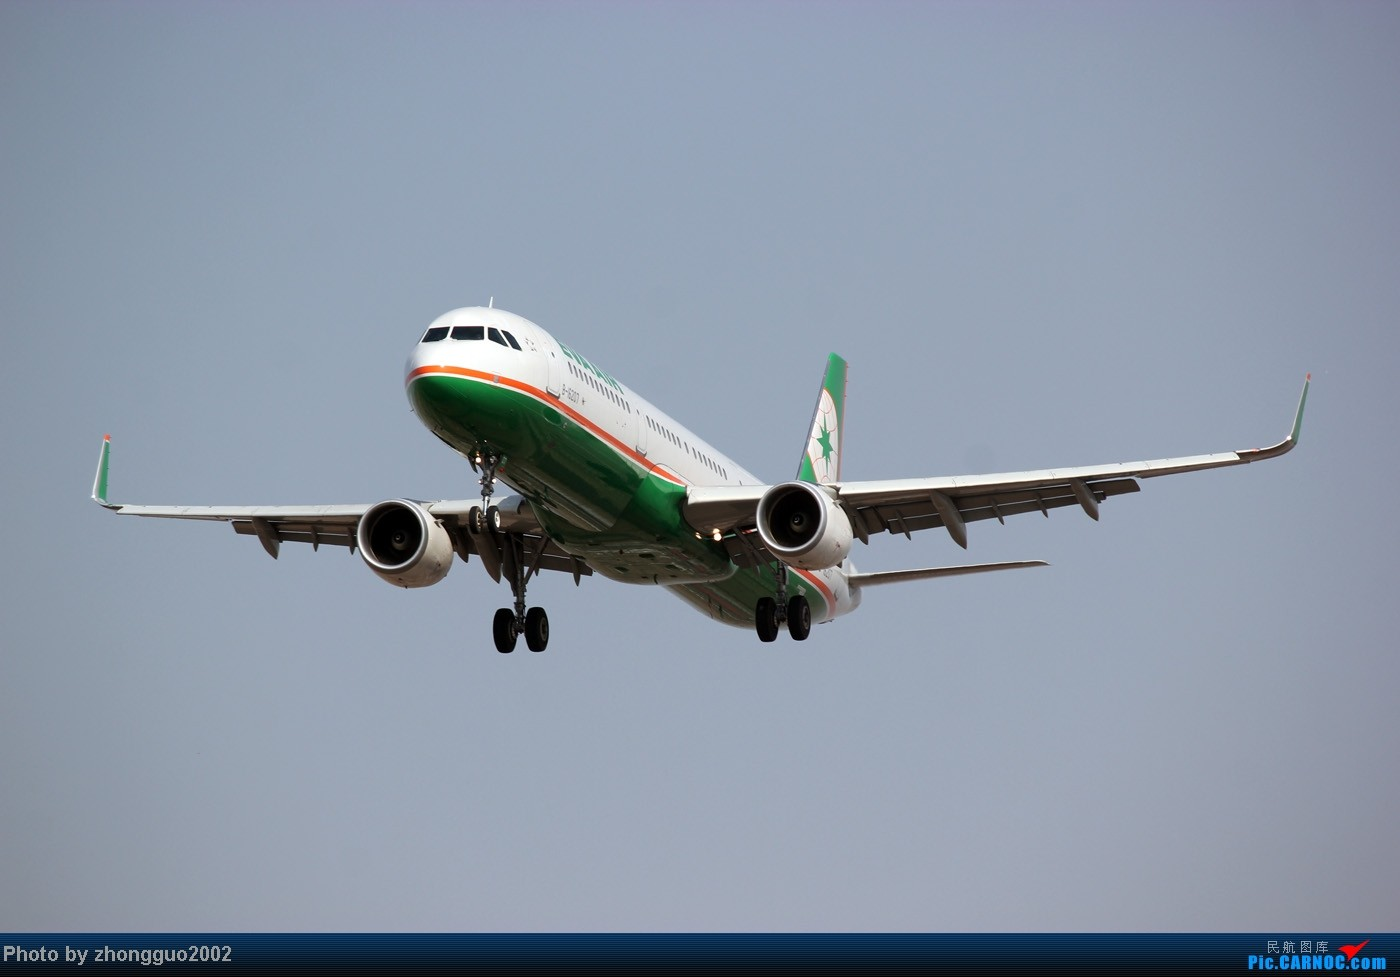 Re:[原创]长荣航空带小翼的321,东航6457小翼319,国航的新机子1947.1945,国航内蒙古号5226,新舟60,以及深圳、首都、西部等航空的飞机。 AIRBUS A321-200 B-16207 中国呼和浩特白塔机场